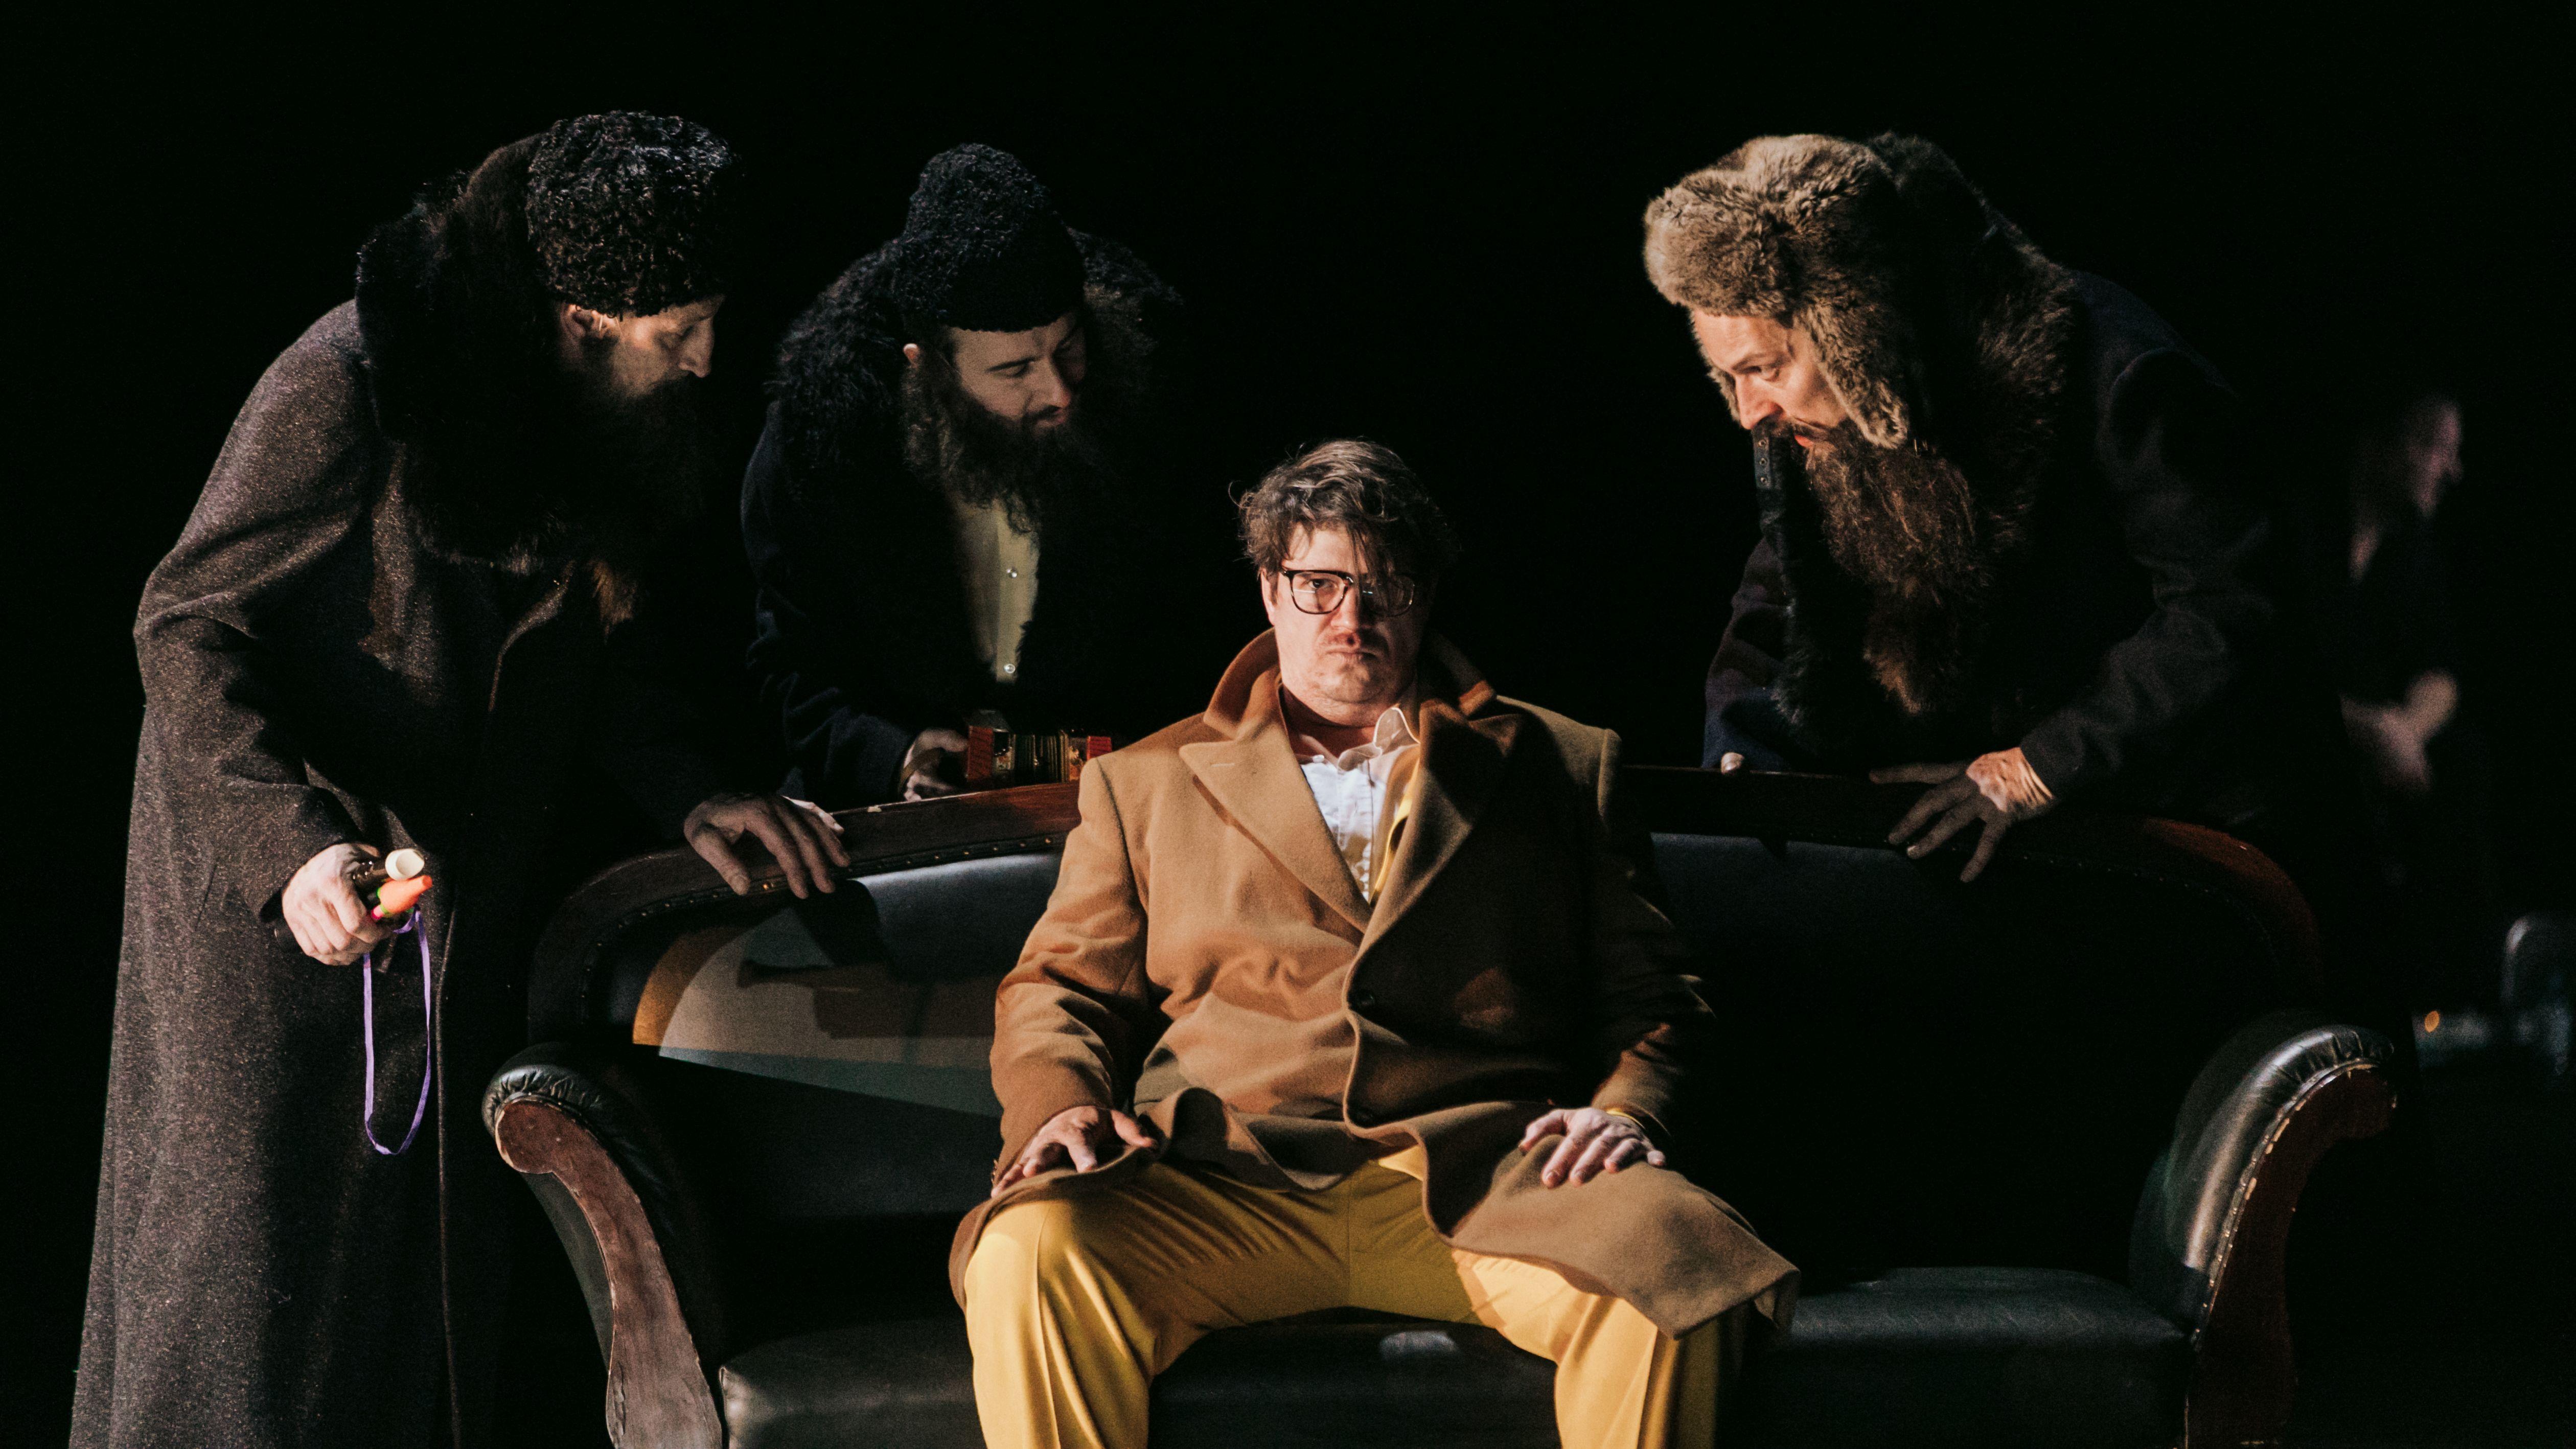 Thomas Frank in der Rolle des Ferdinand Krutzler sitzt im Mantel auf einem Sofa, um ihn herum stehen drei Männer in Winterkleidung